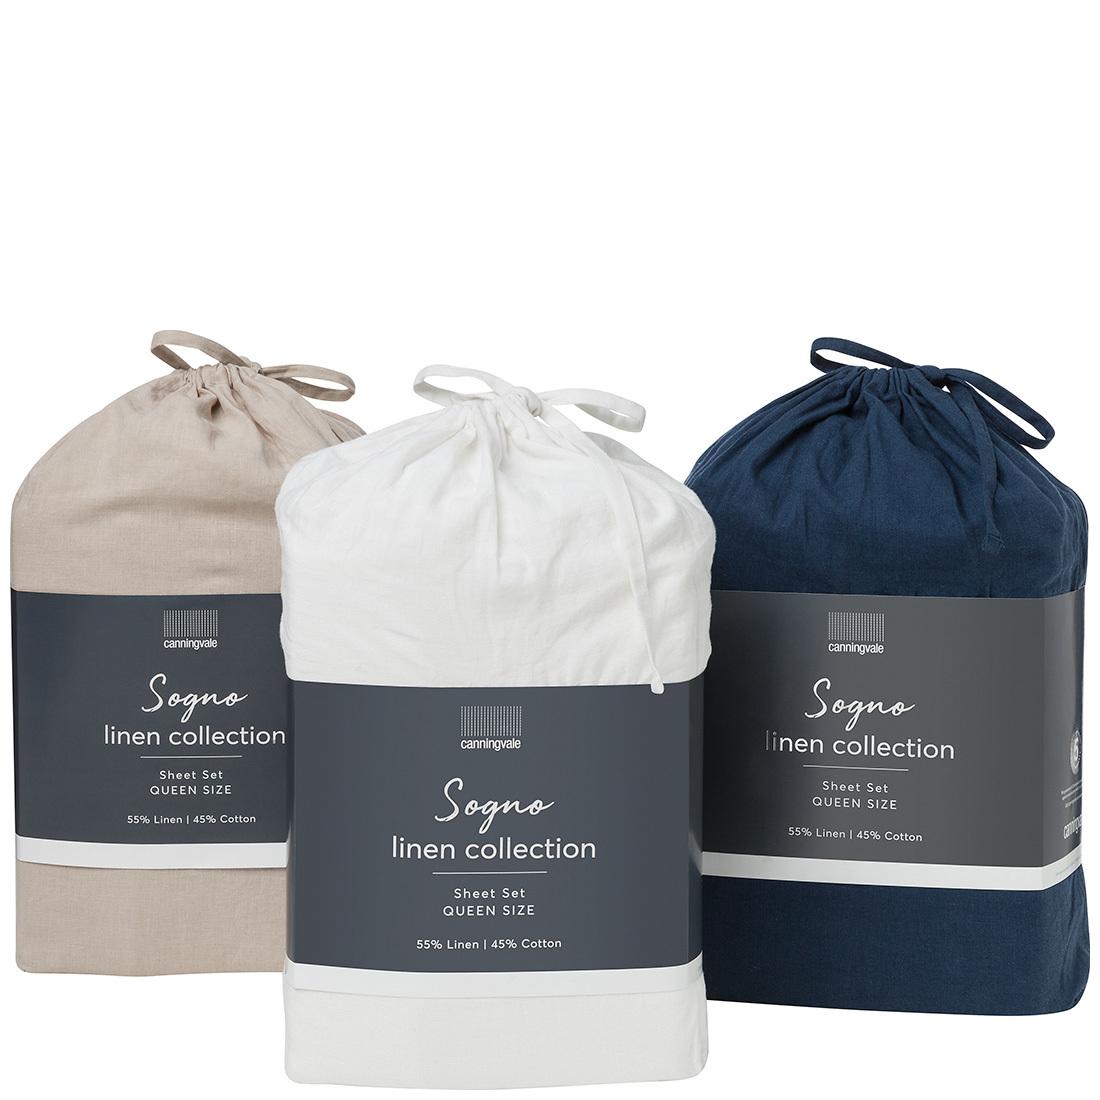 Canningvale Sogno Linen Cotton Sheet Set